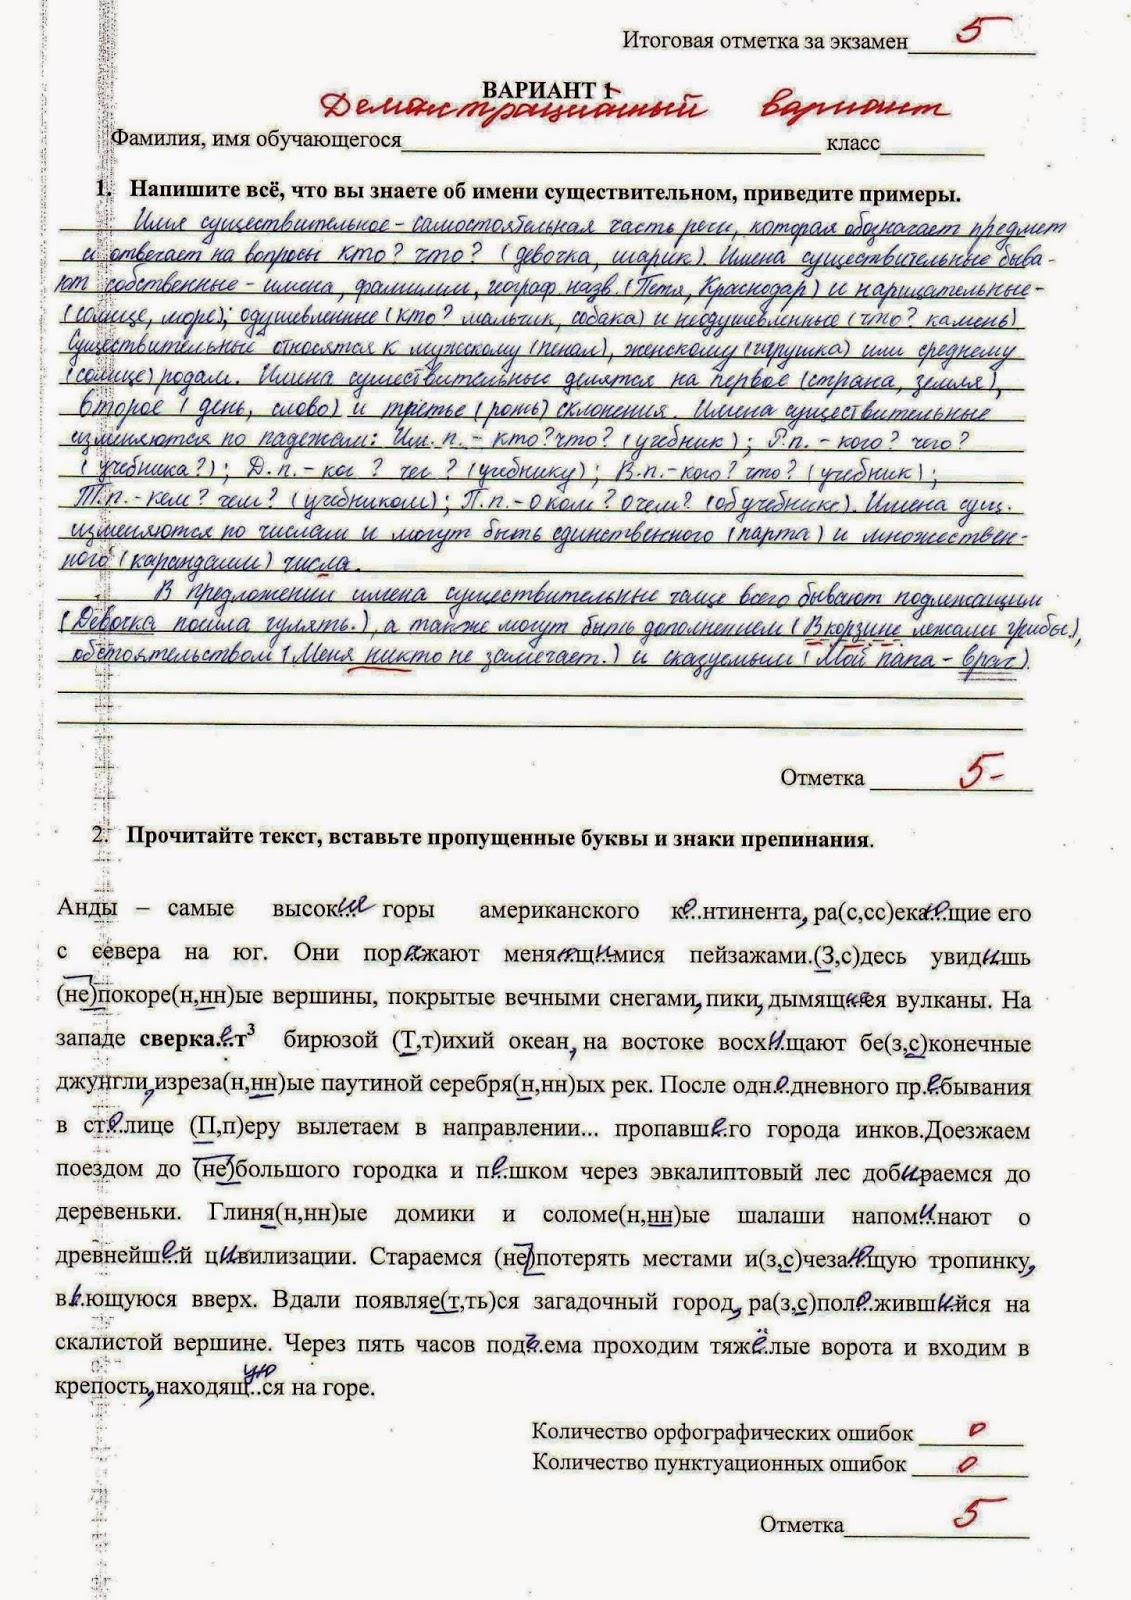 контрольная работа по русскому языку диктант